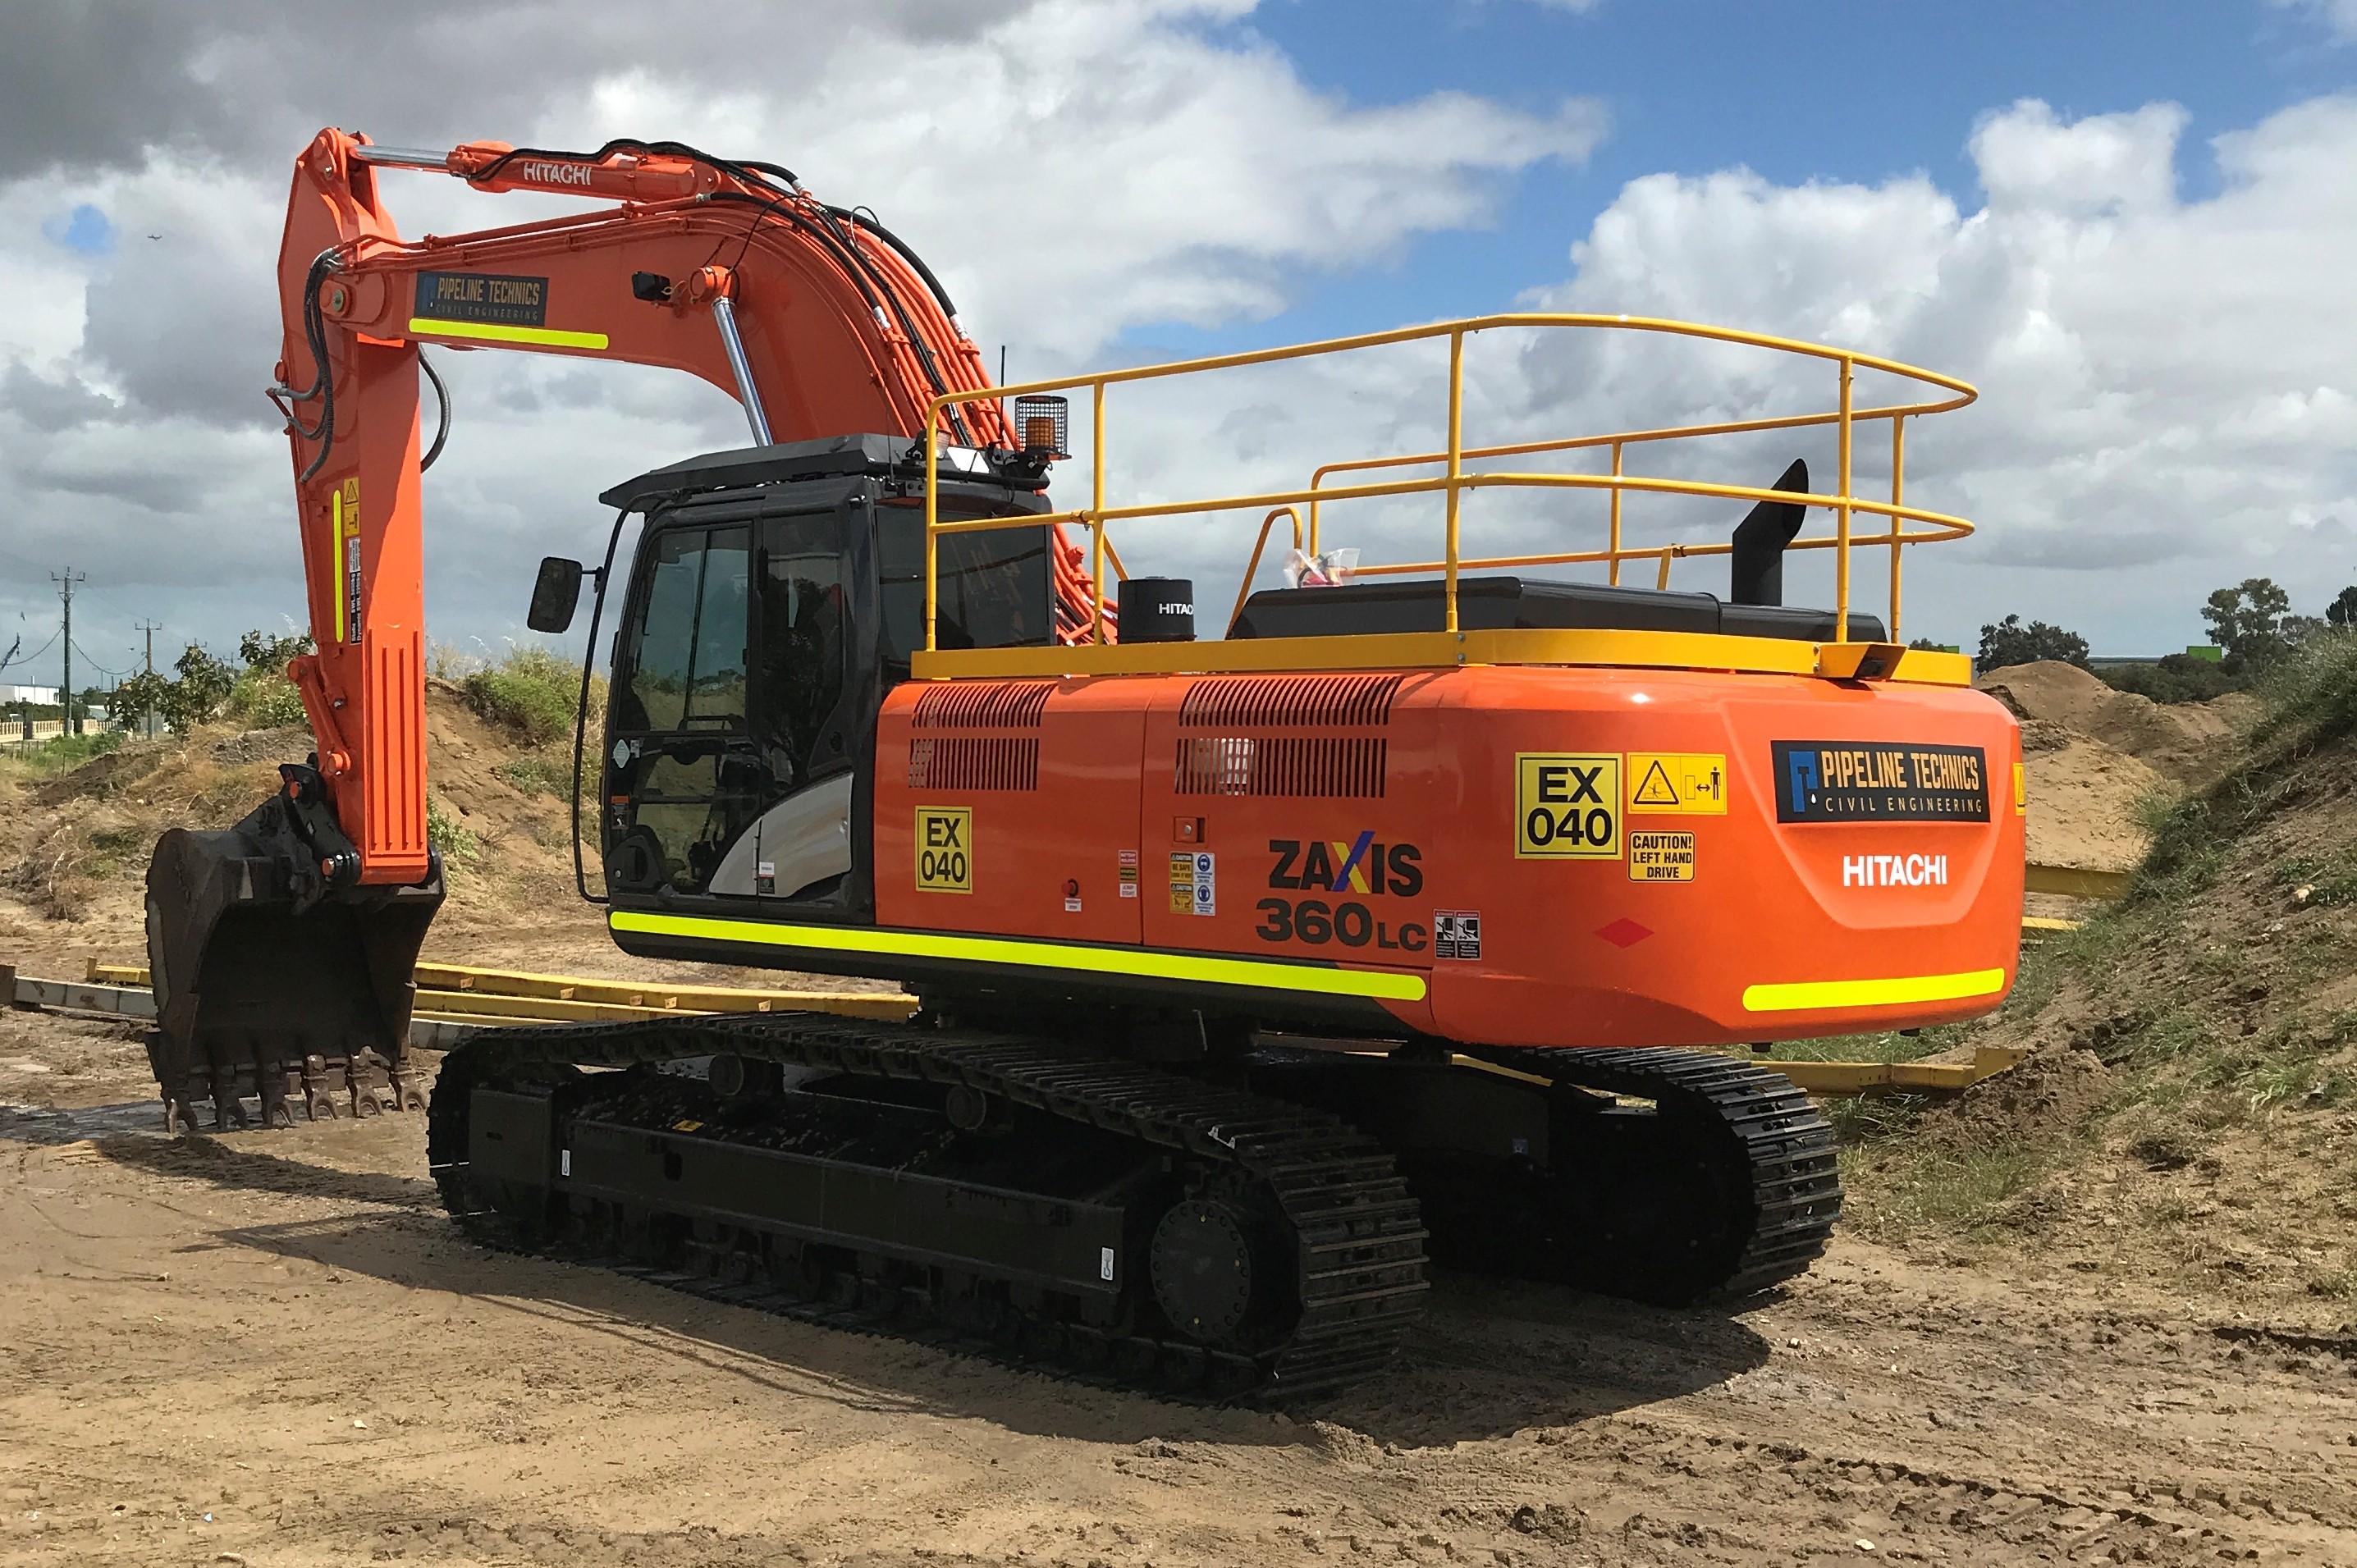 Hitachi Excavator 35T